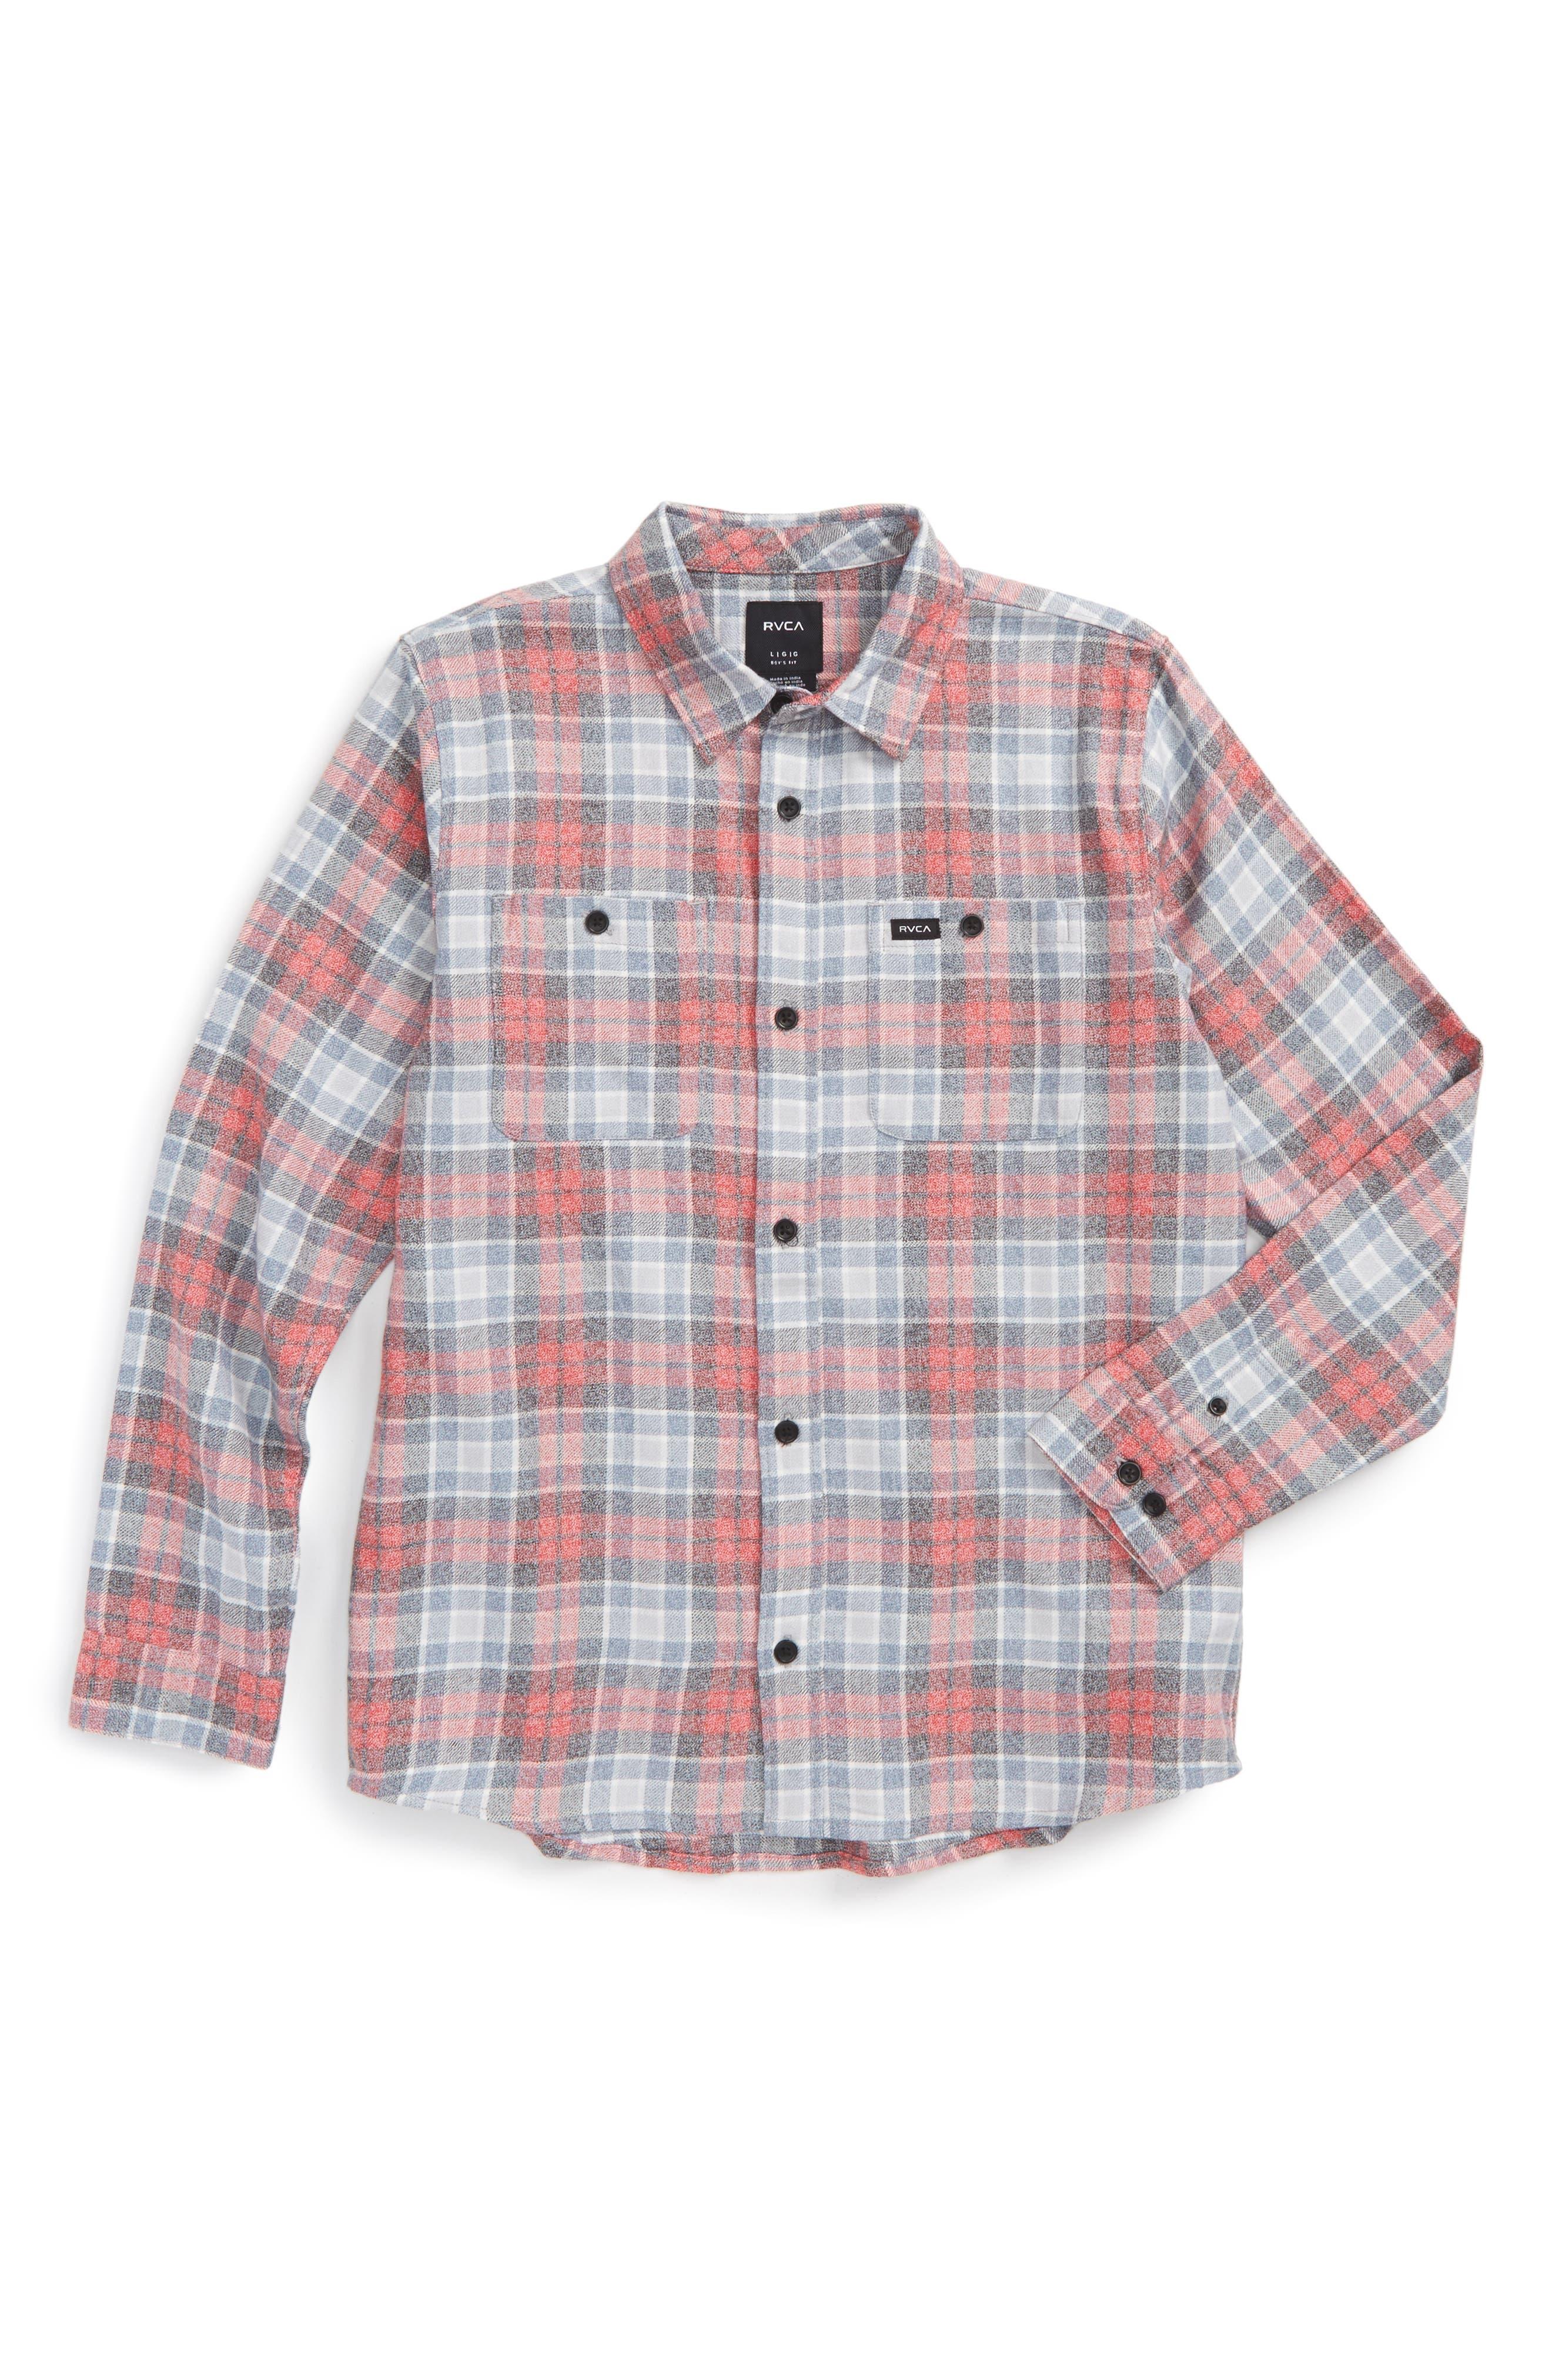 Diffusion Plaid Shirt,                             Main thumbnail 1, color,                             258